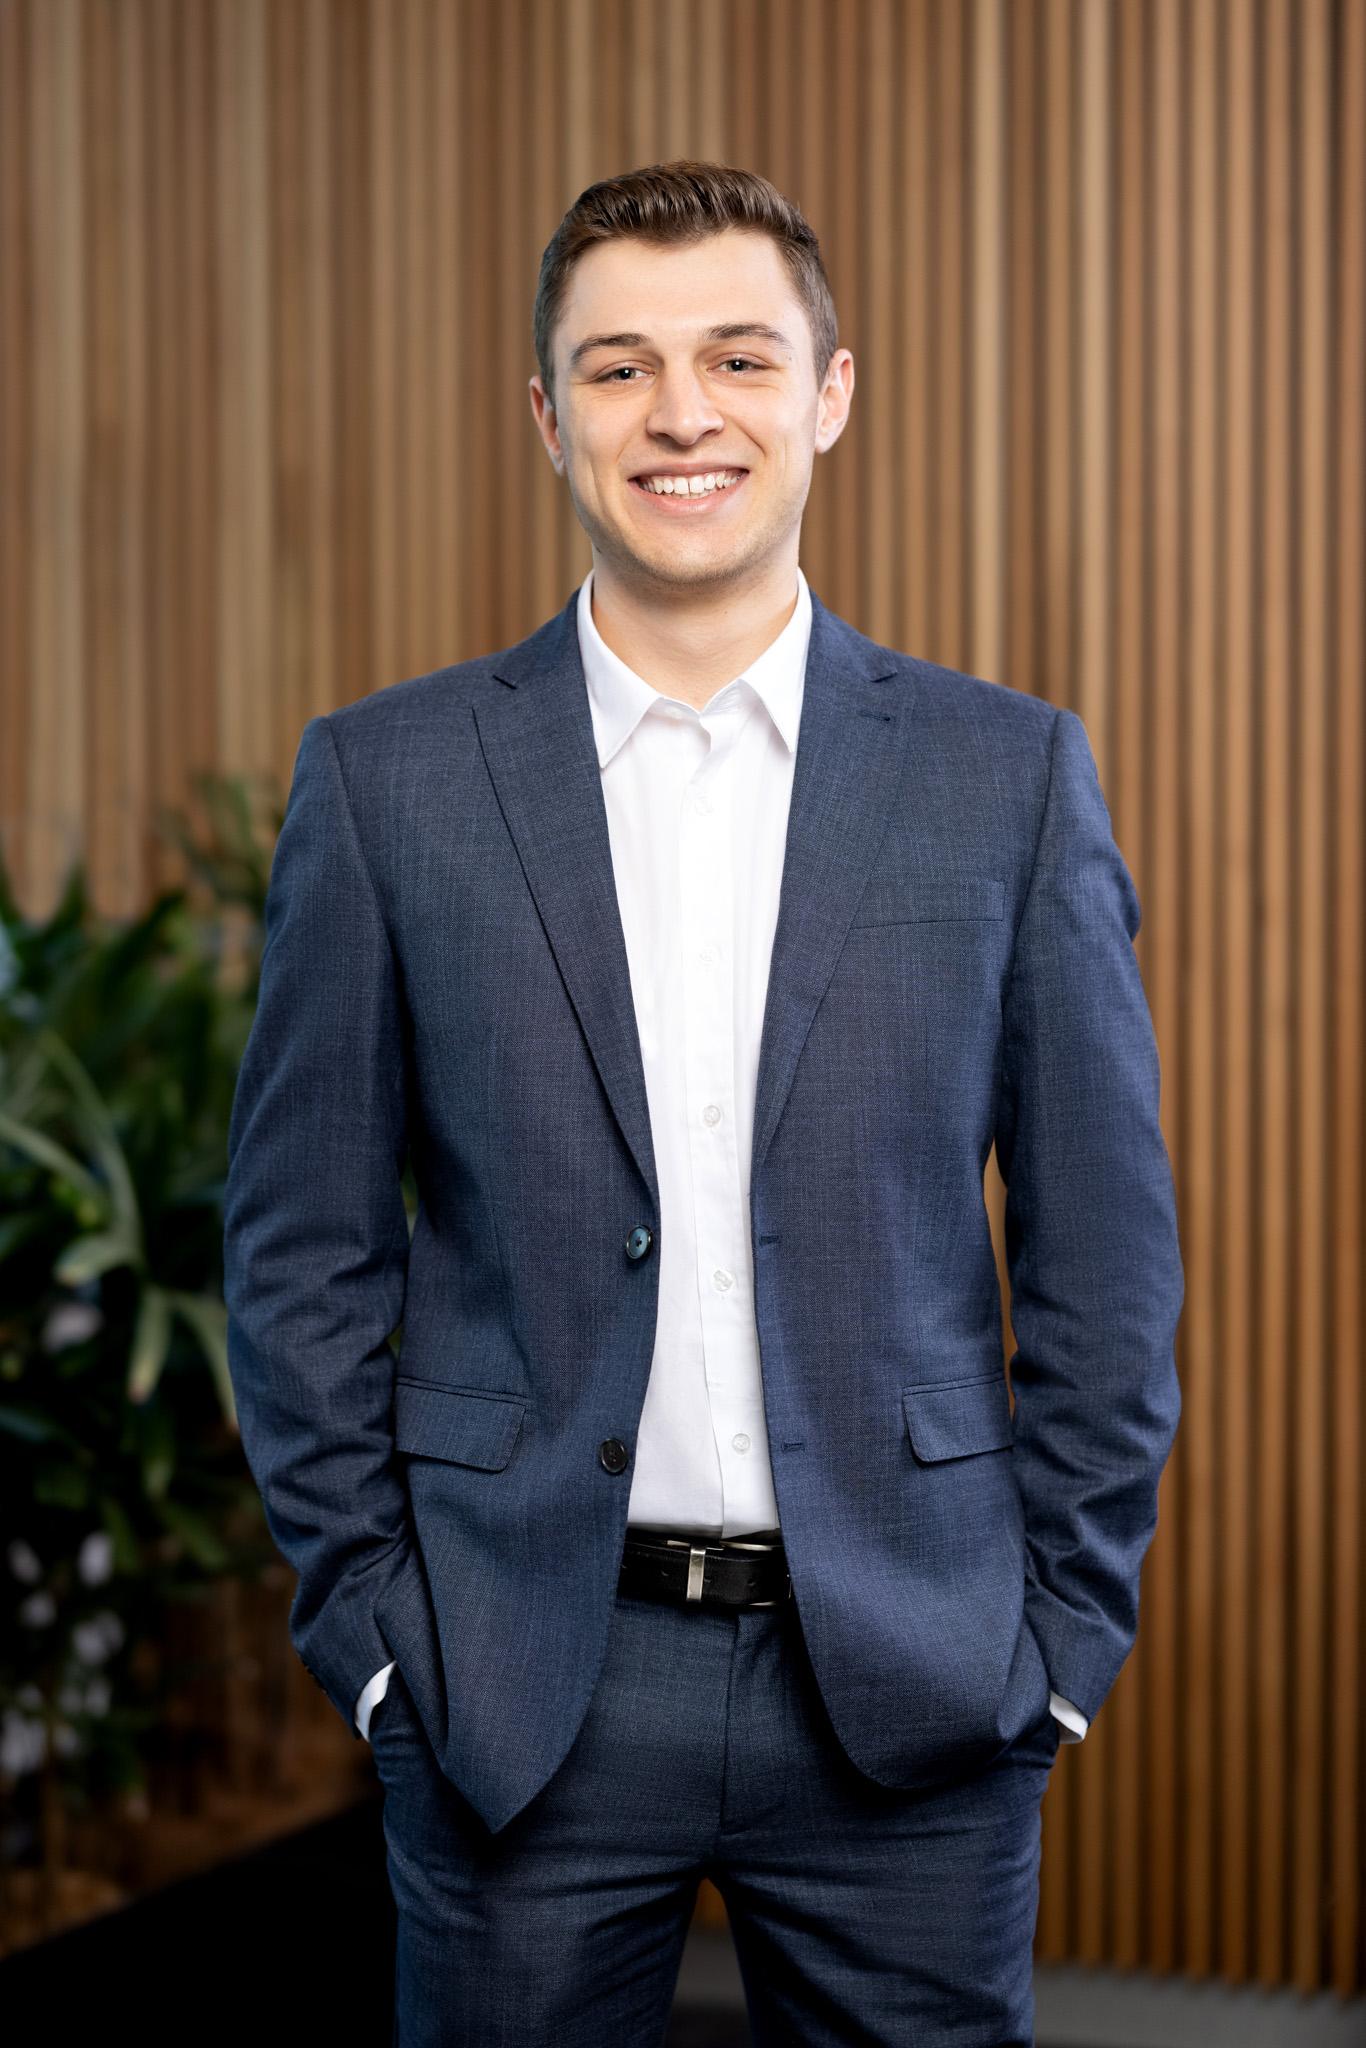 Ethan Hooley